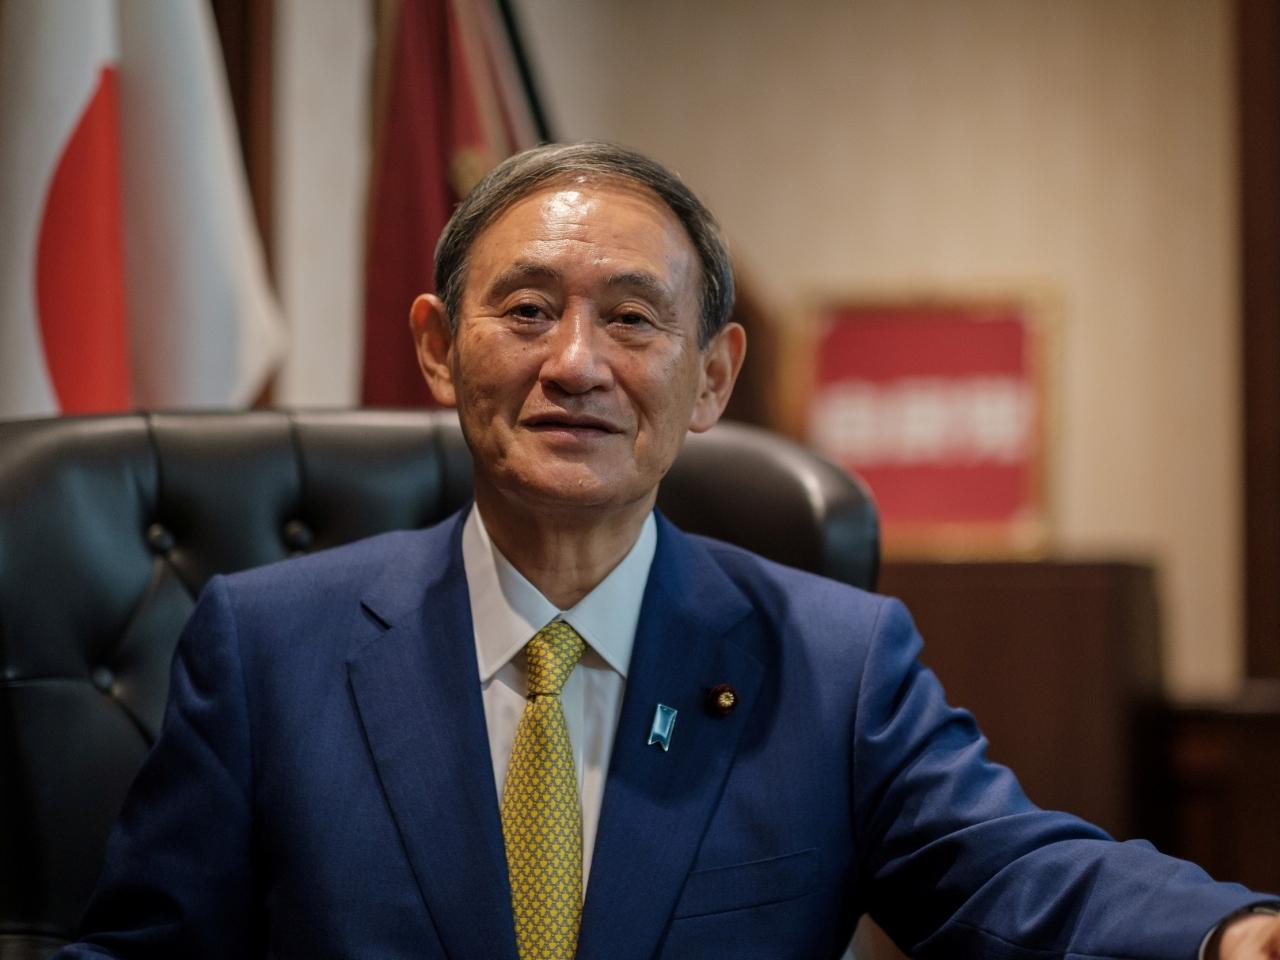 菅义伟当上首相之后 工资涨了多少?